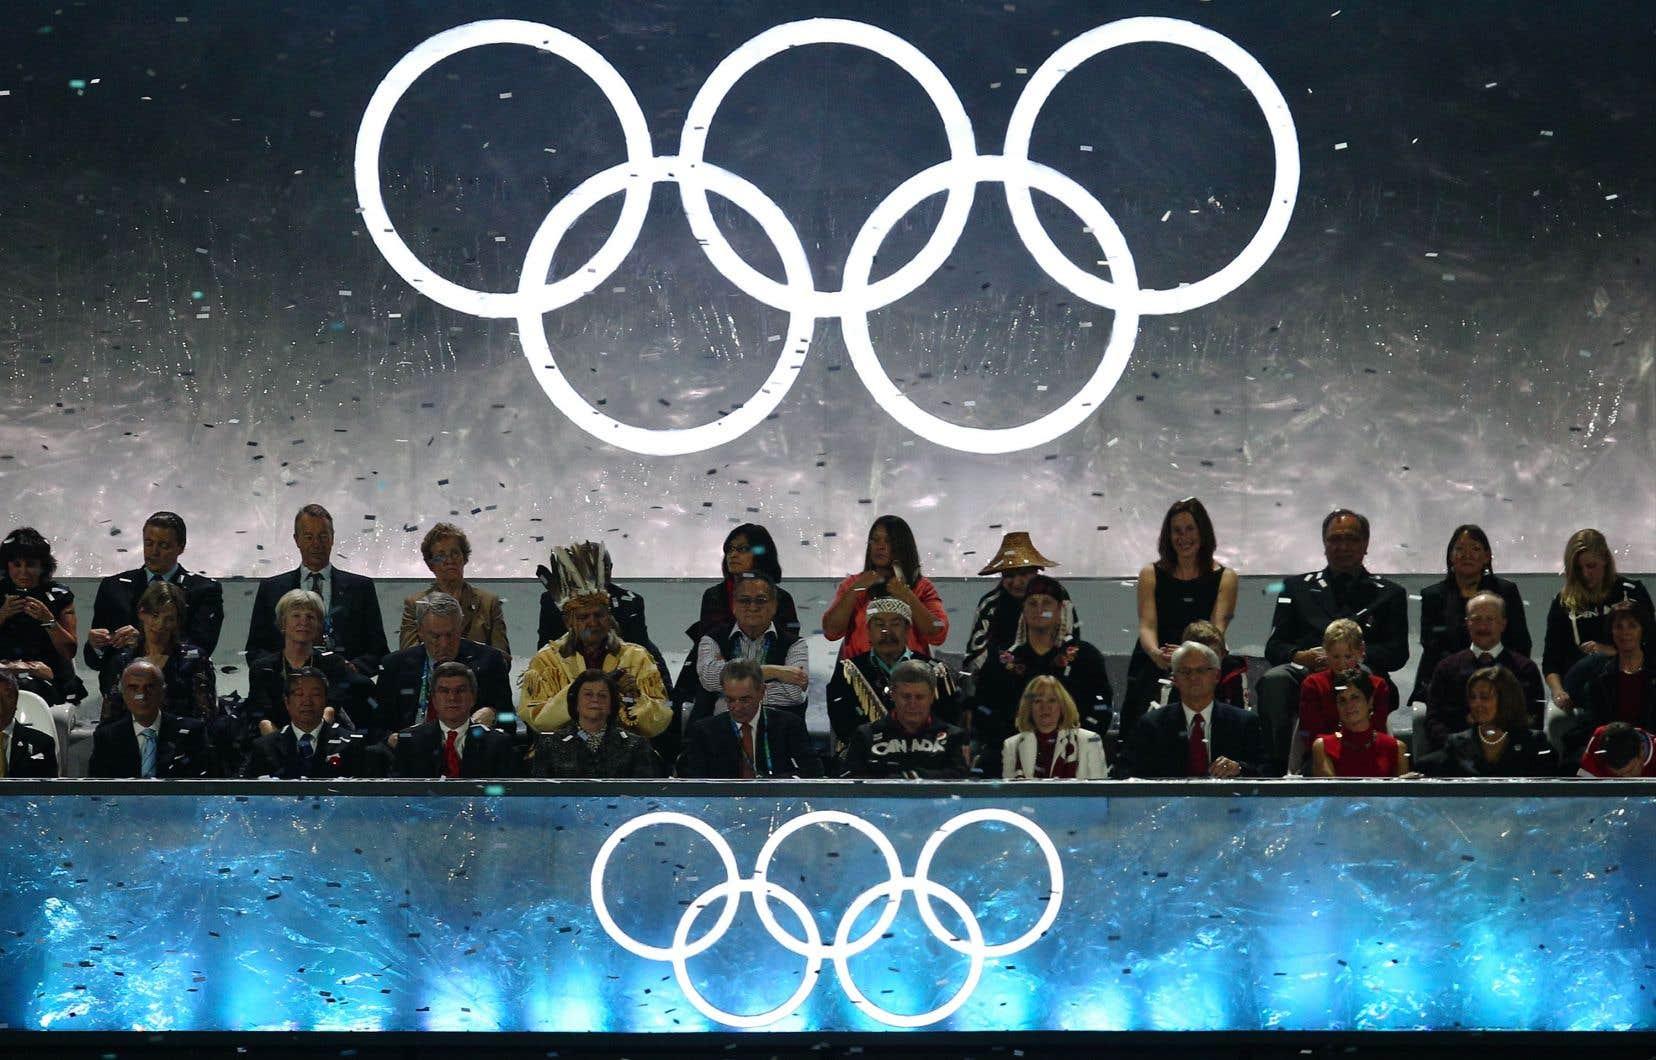 La tribune où étaient assis le premier ministre canadien Stephen Harper et les hauts officiers du Comité international olympique, lors de la cérémonie de clôture des Jeux olympiques de Vancouver en 2010